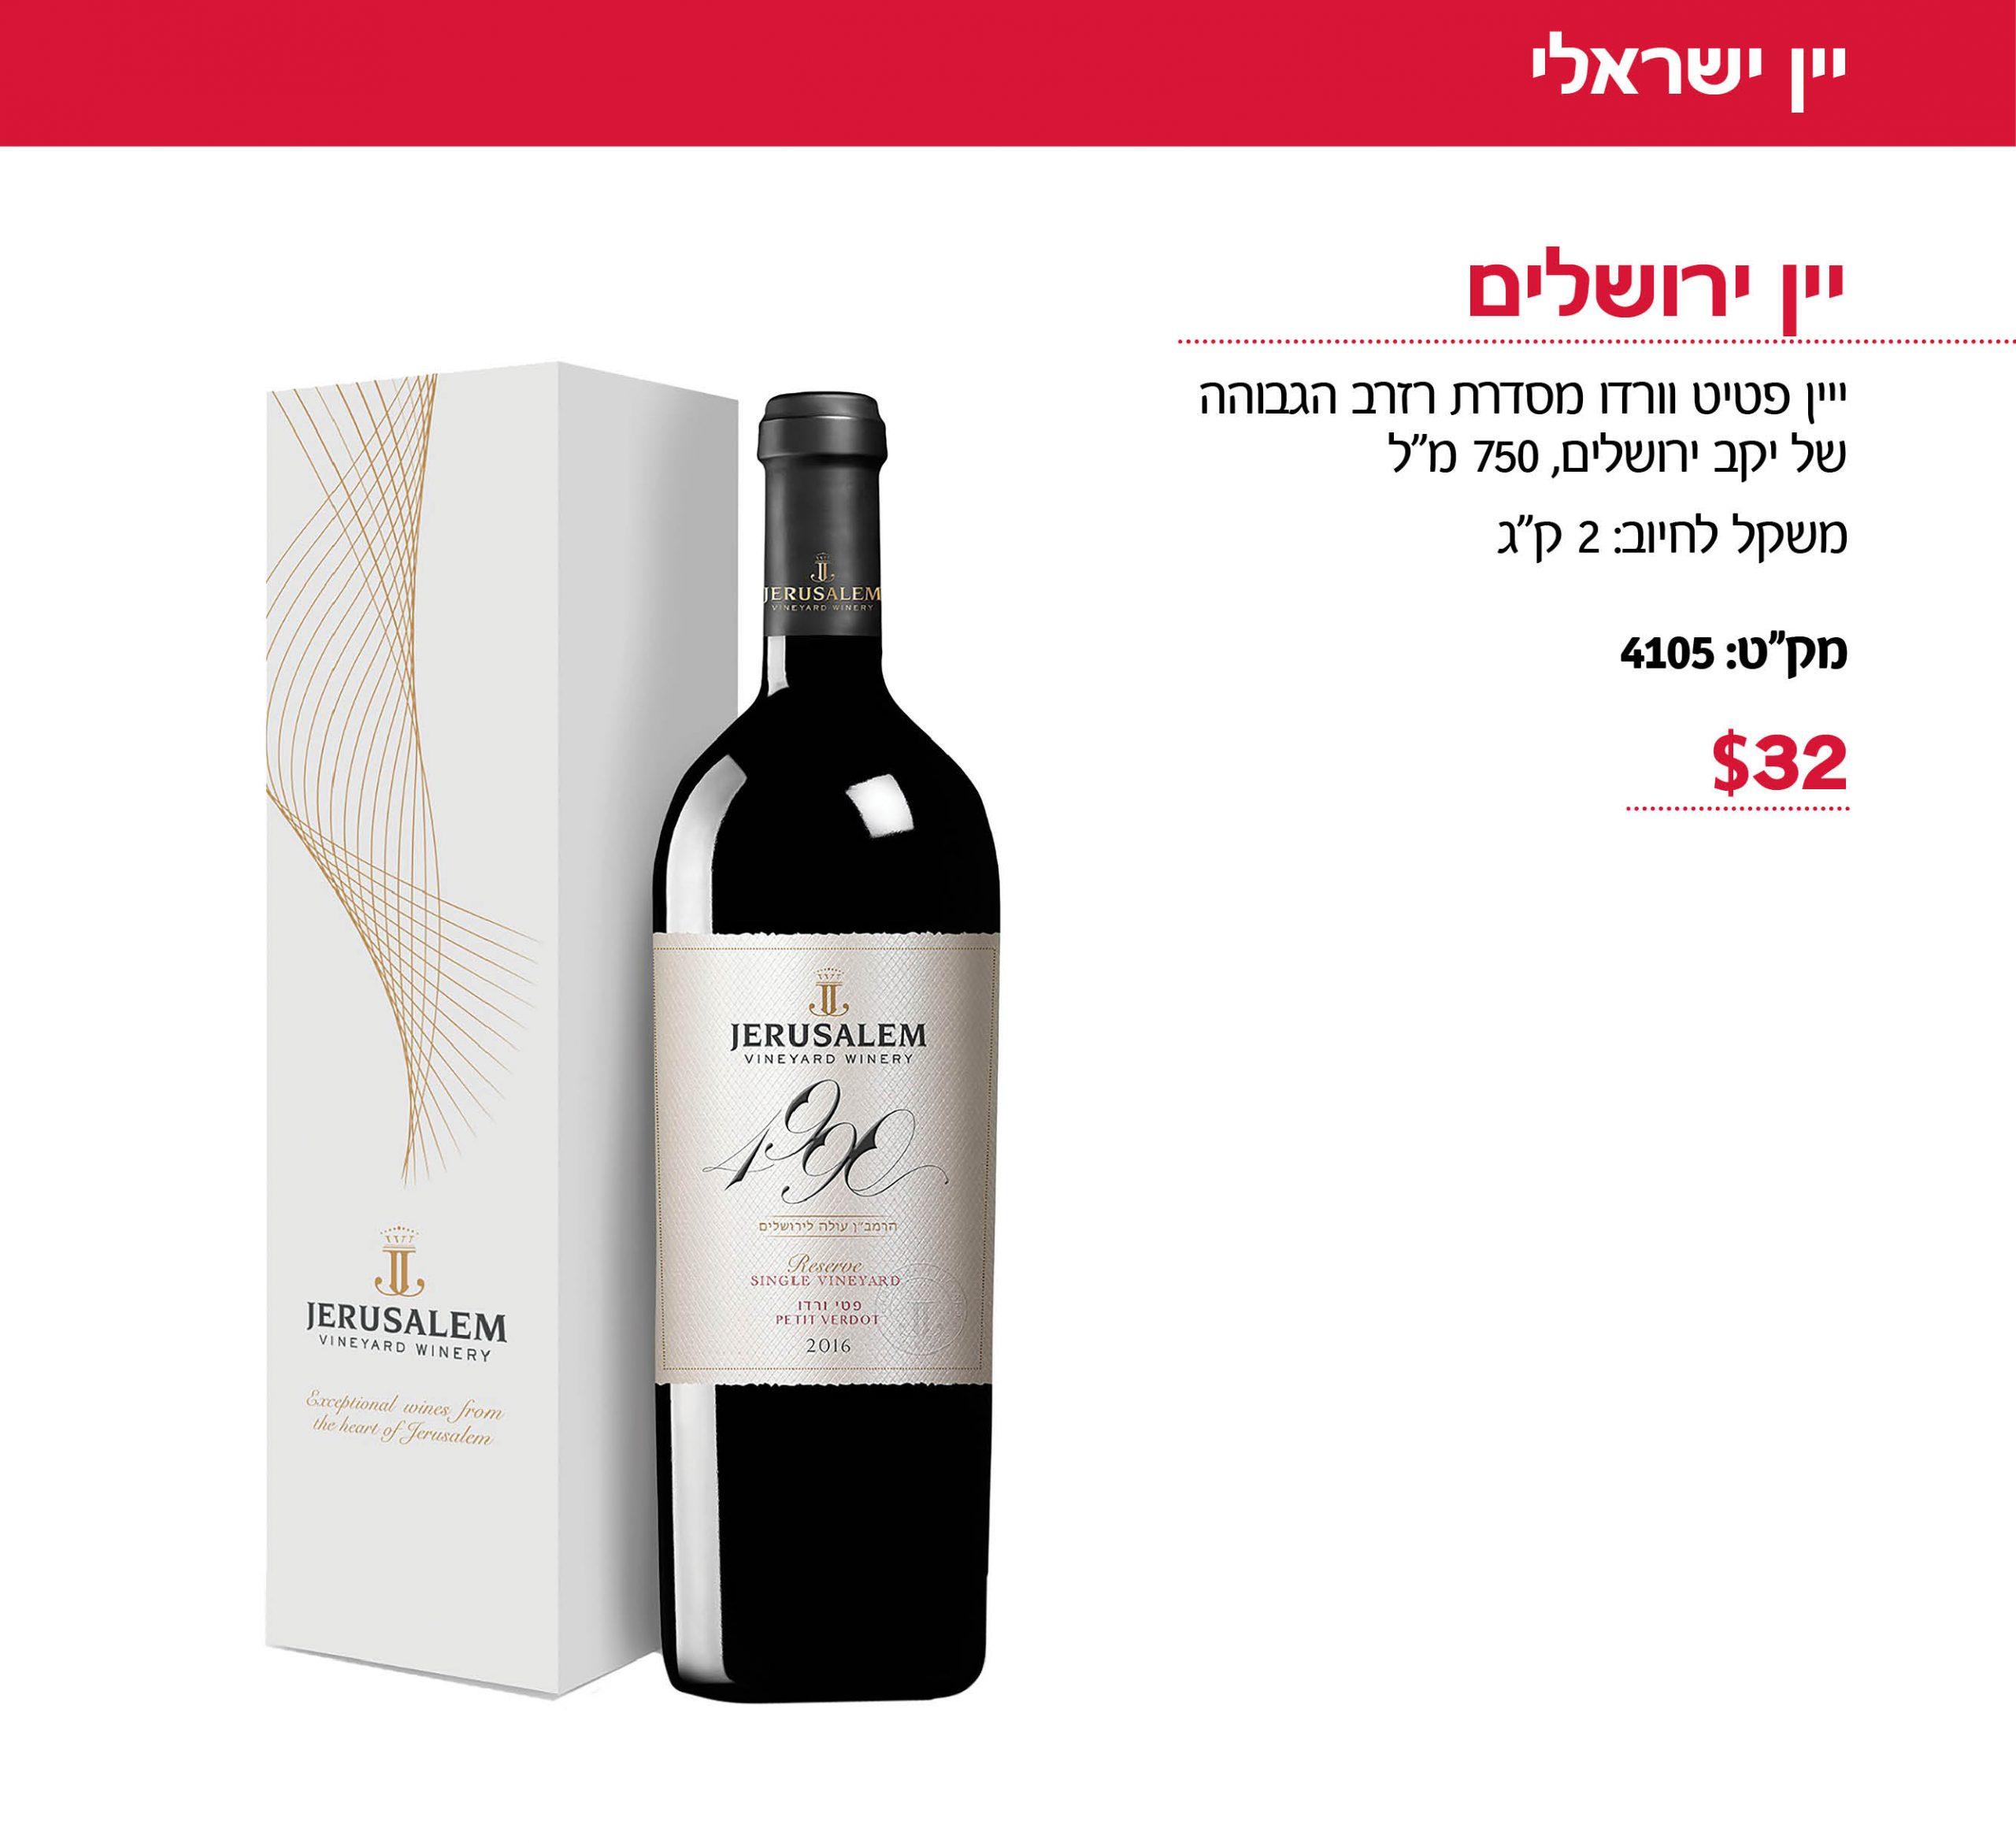 Wine_2020 5